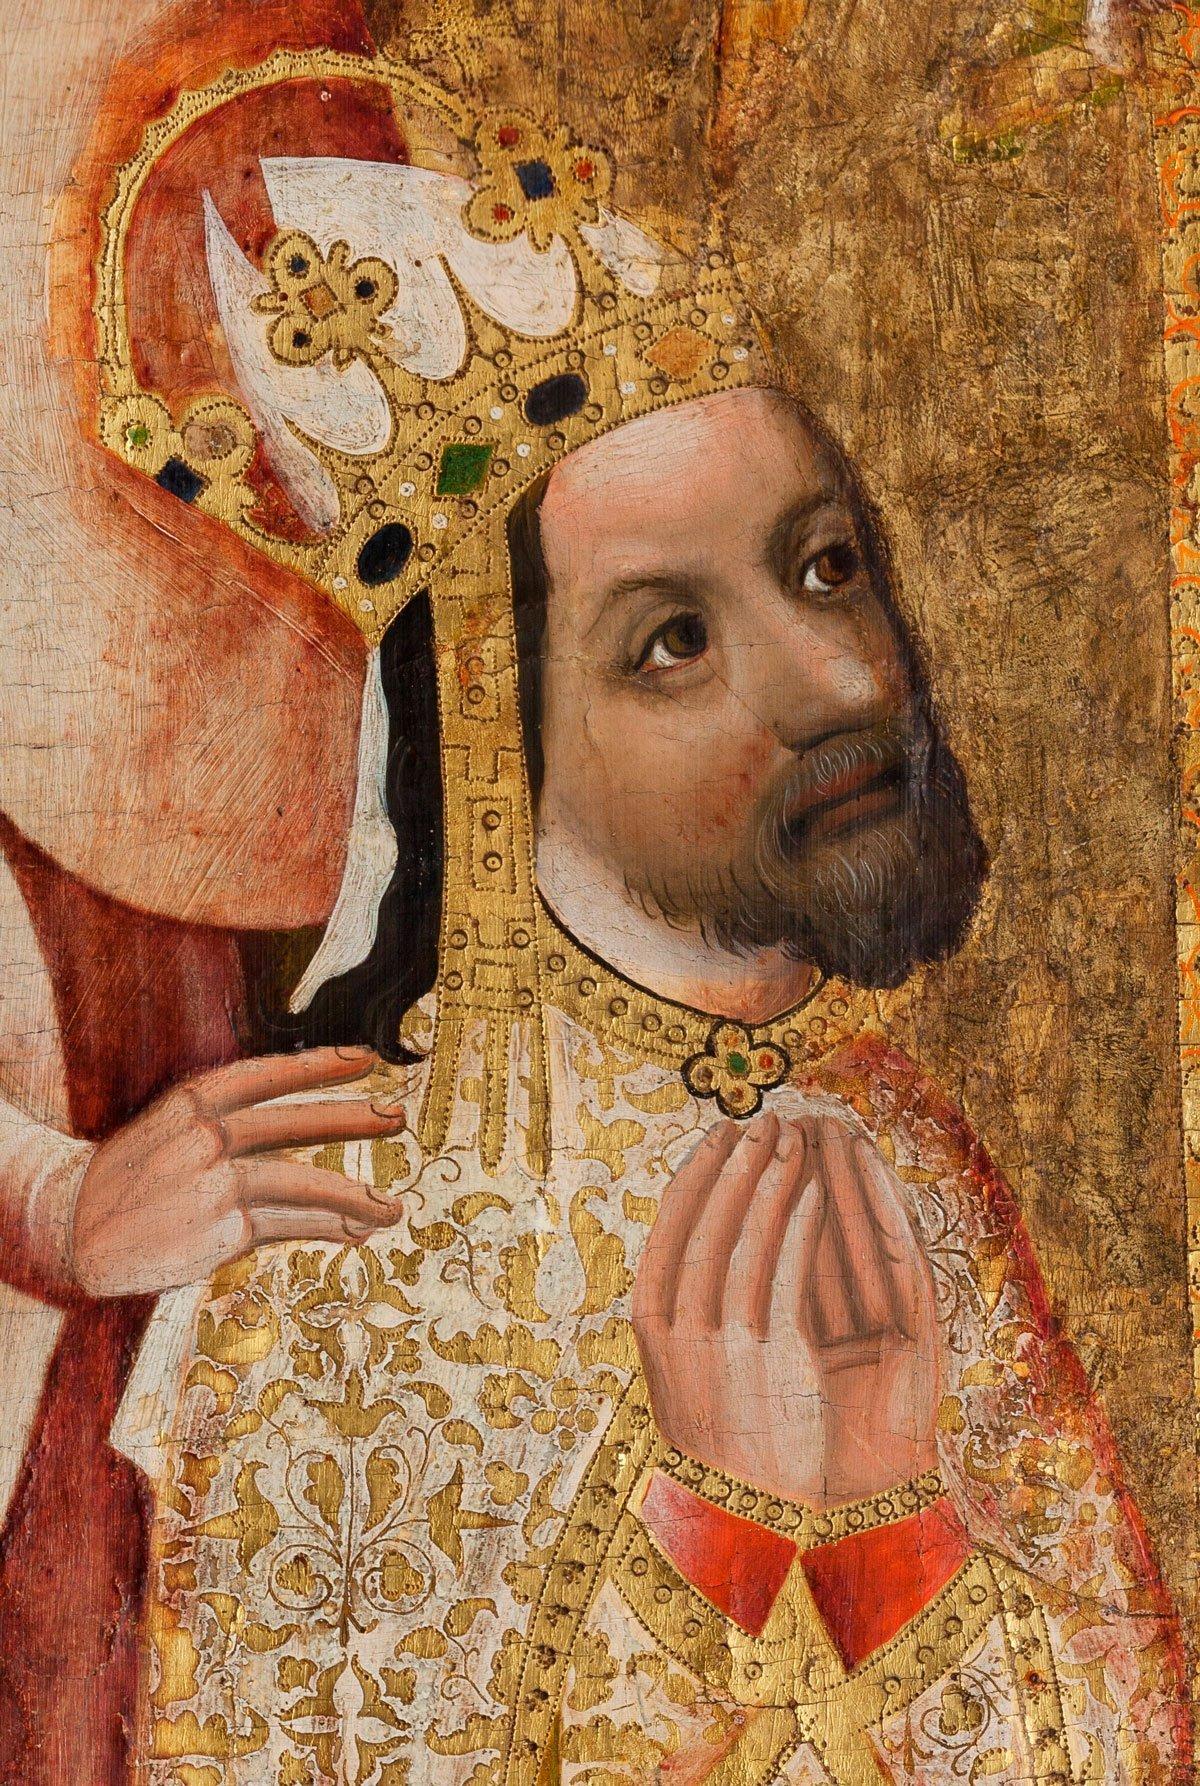 Falsificar documentos en la Edad Media